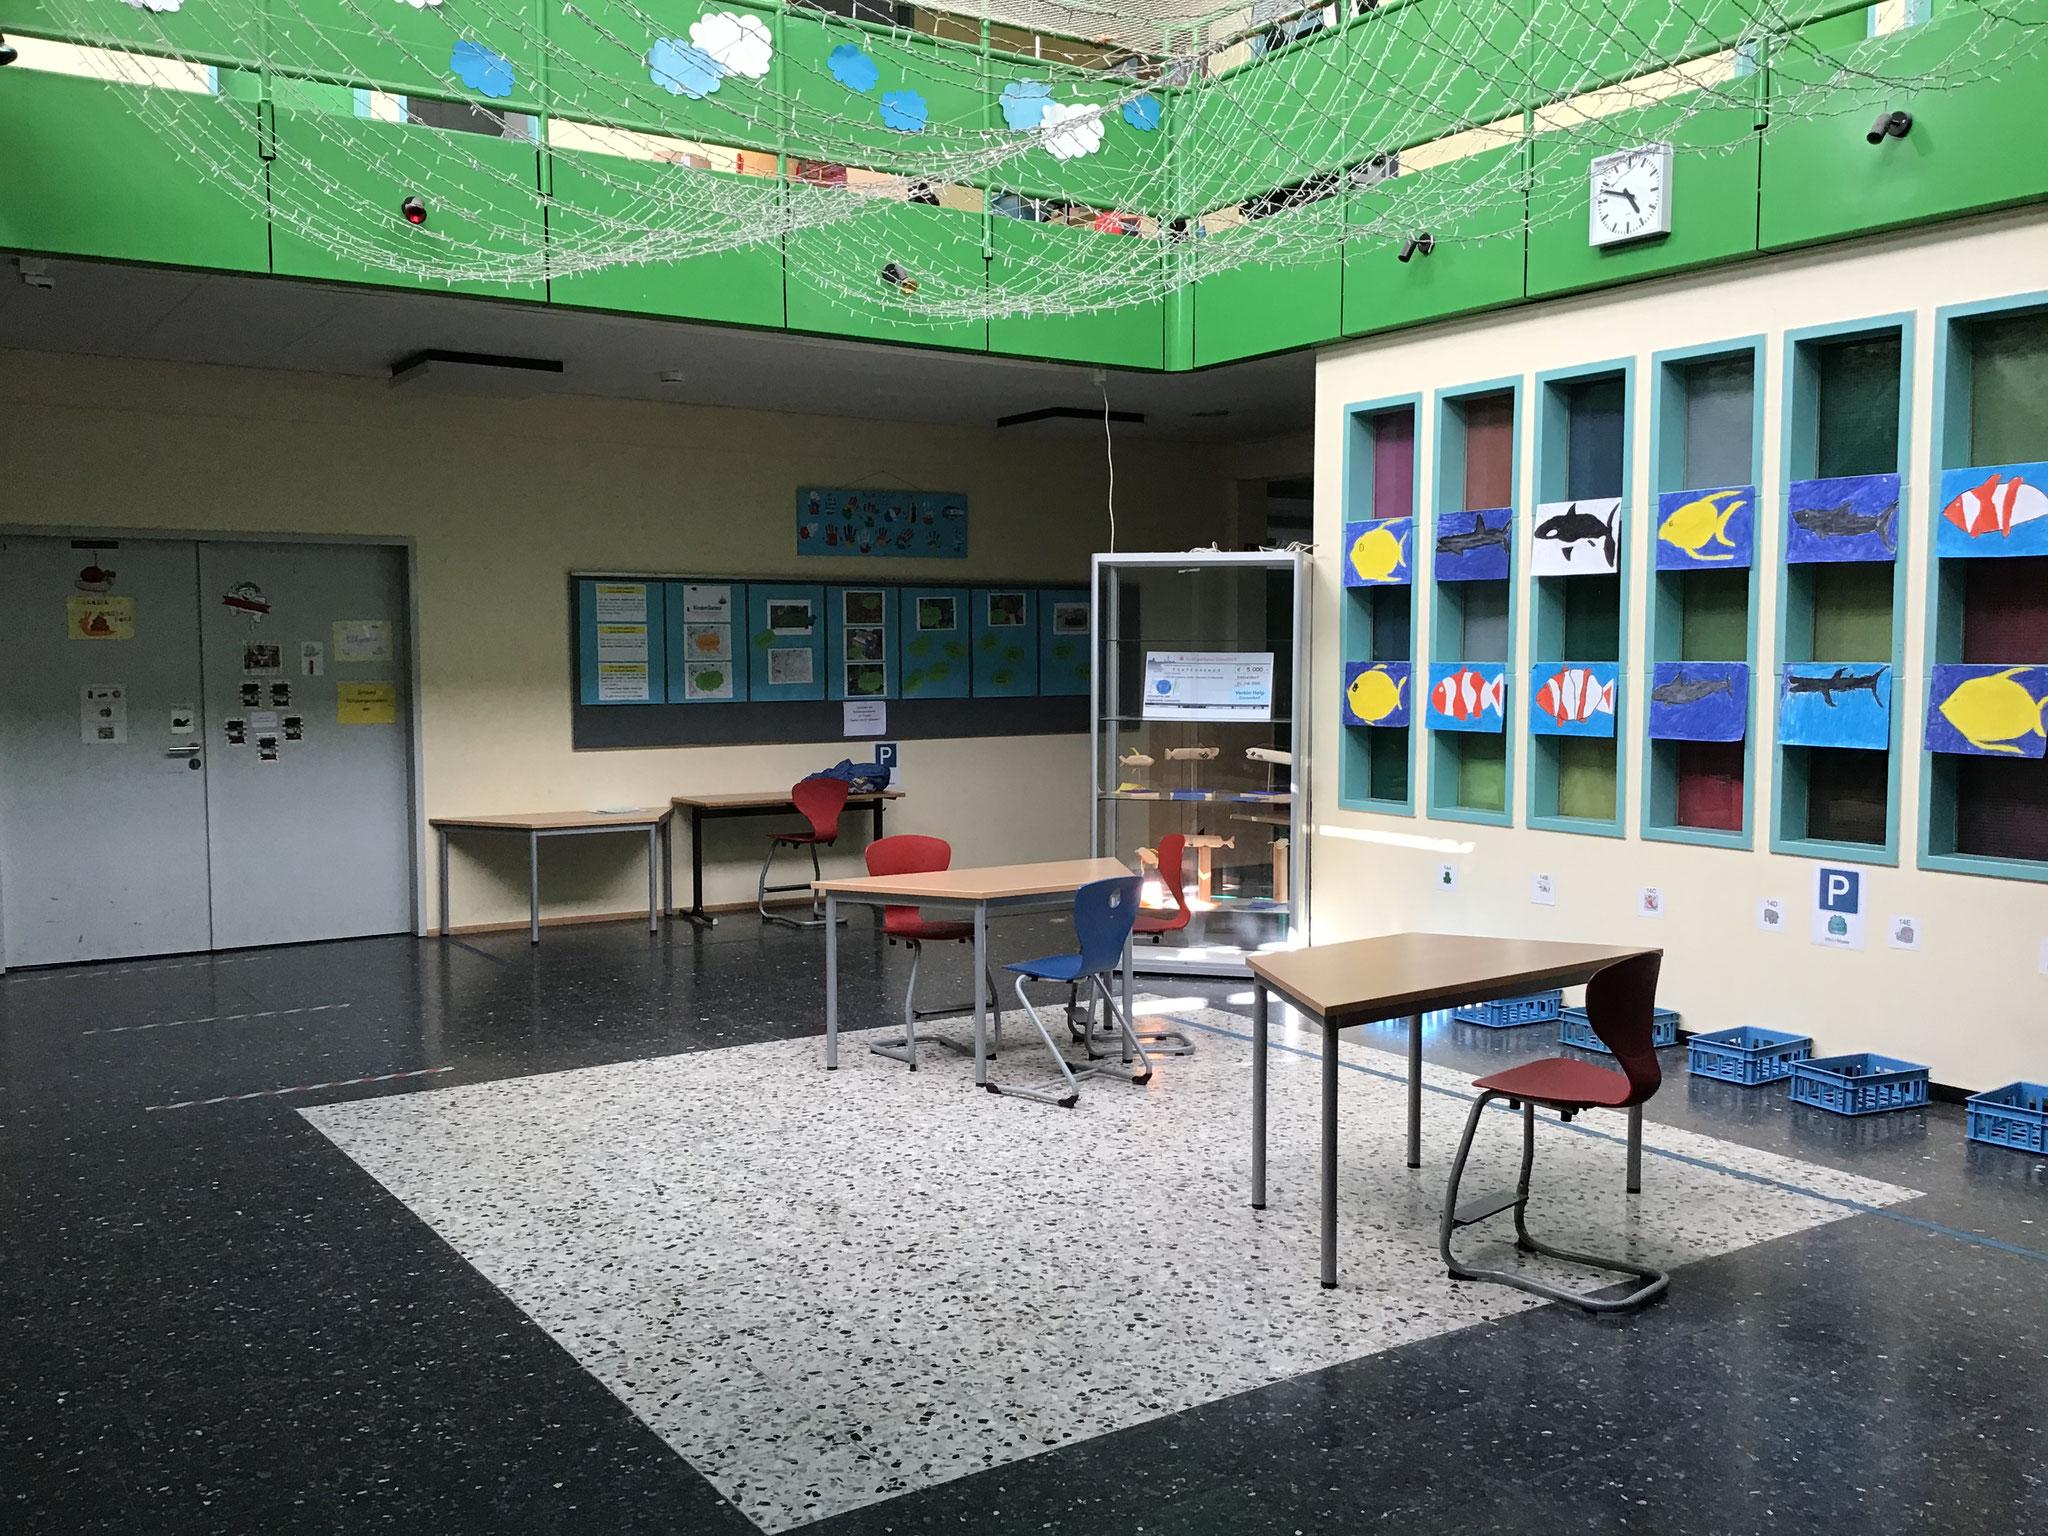 Unser Foyer wird vielfach genutzt - als Arbeitsbereich für Schüler, für die tägliche Förderung und als Versammlungsraum ( z.B. Adventssingen, Vorlesewettbewerb)